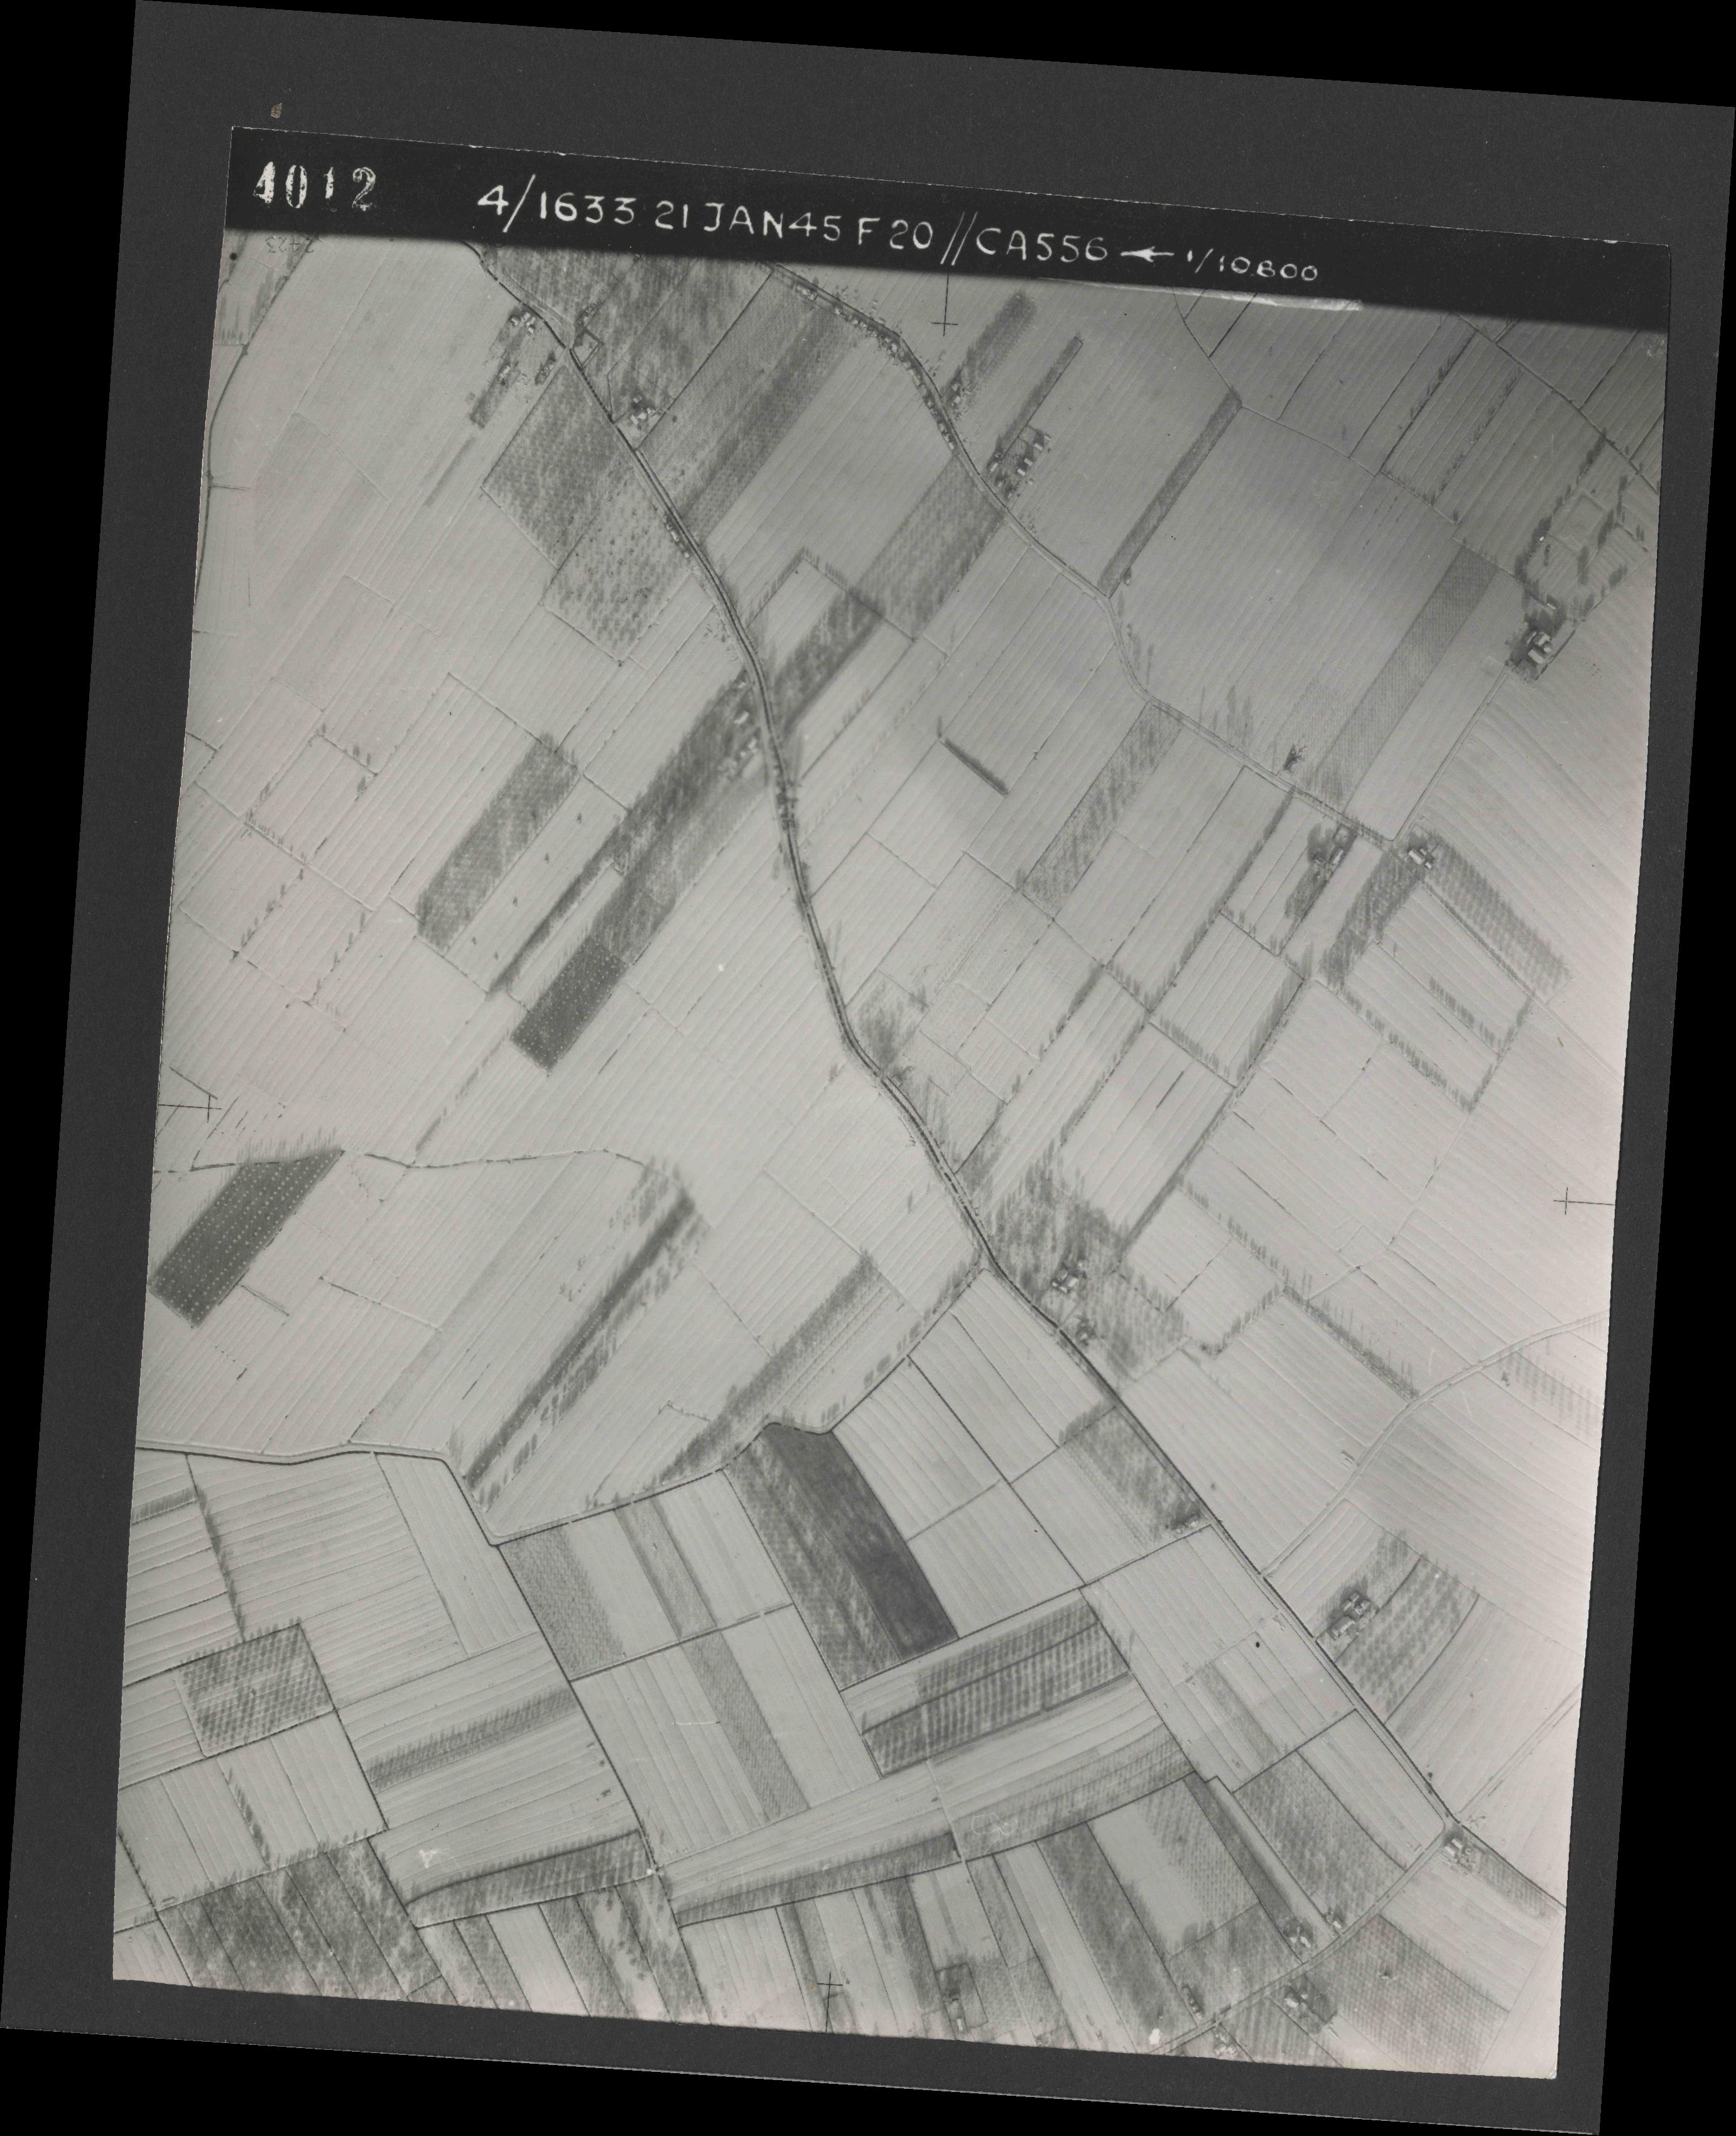 Collection RAF aerial photos 1940-1945 - flight 202, run 04, photo 4012